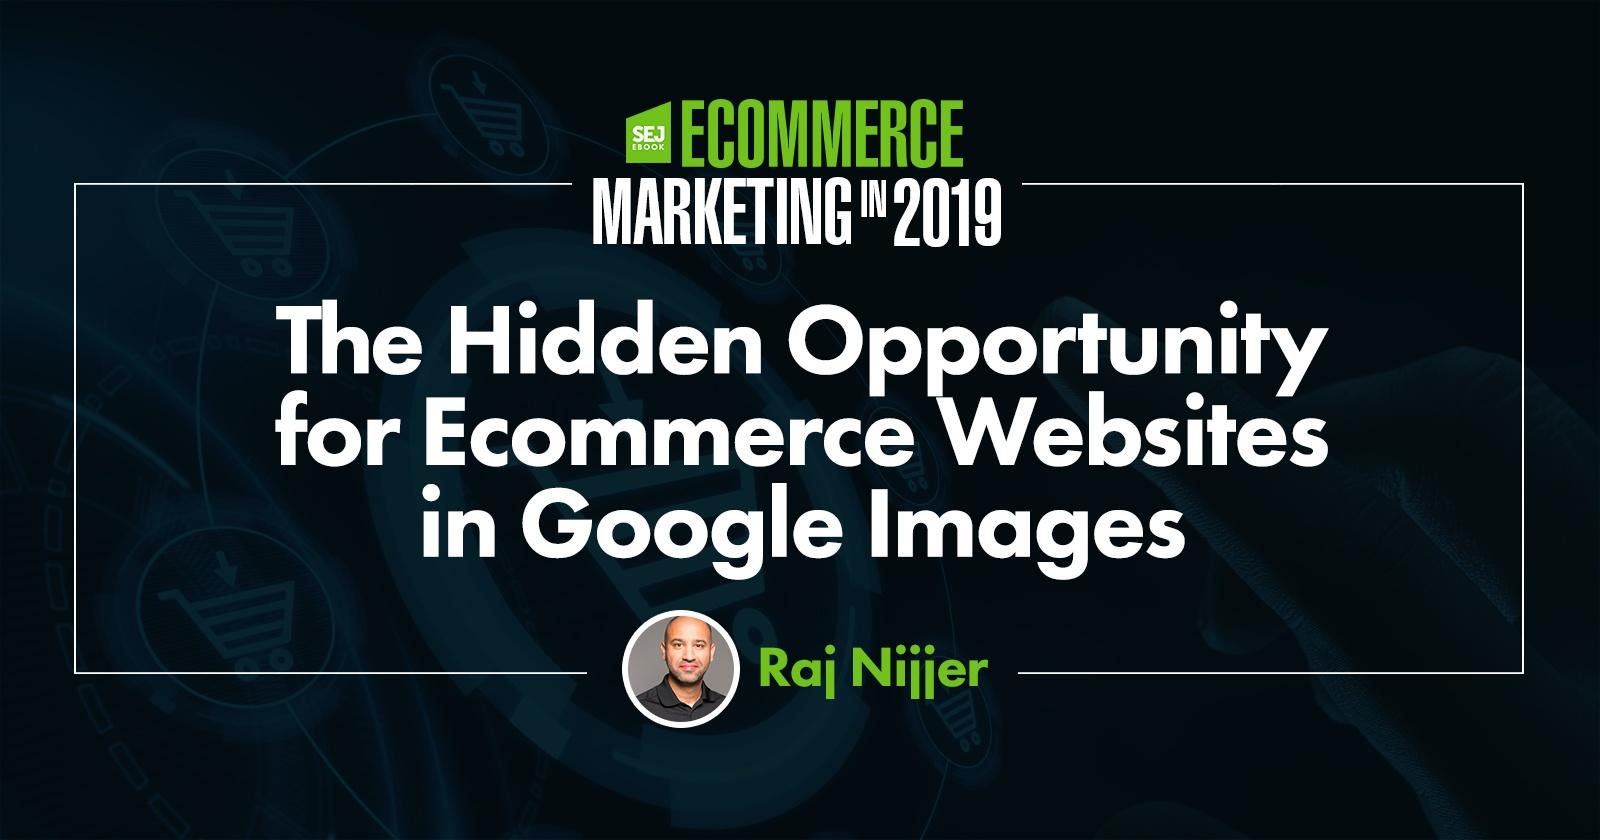 L'opportunité cachée pour les sites de commerce électronique dans Google Images